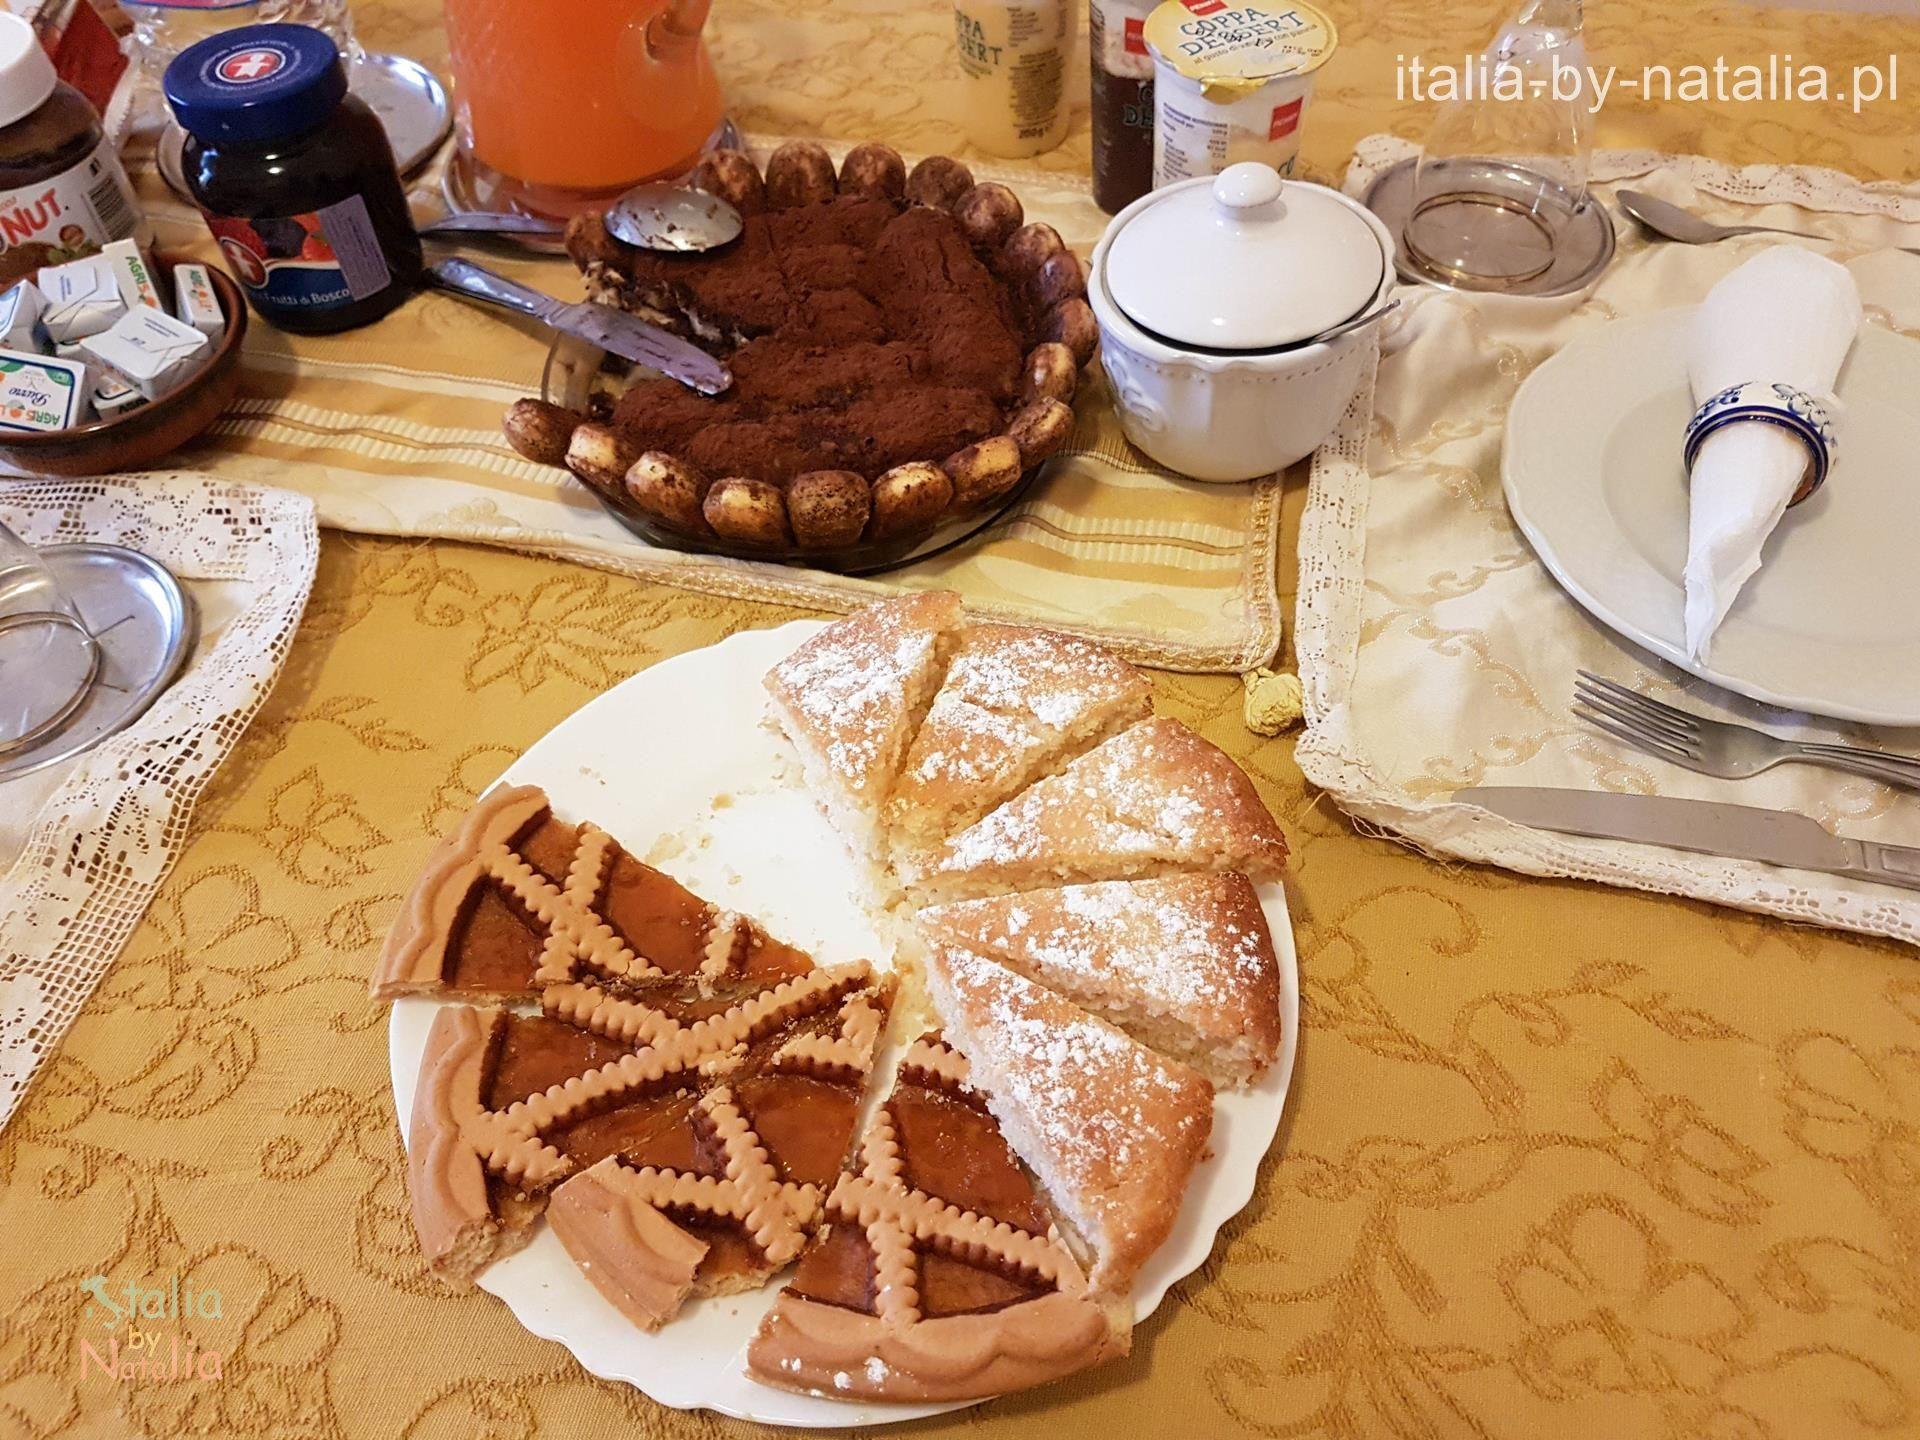 nocleg neapol Śniadanie w Neapolu